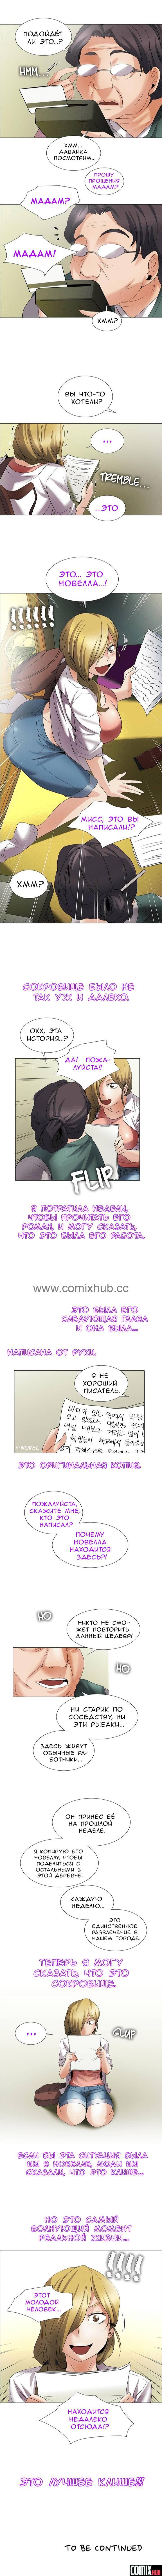 Манхва Художники для взрослых, часть 23. Воспоминания #1 Хентай манга, манхва, Без цензуры, Измена